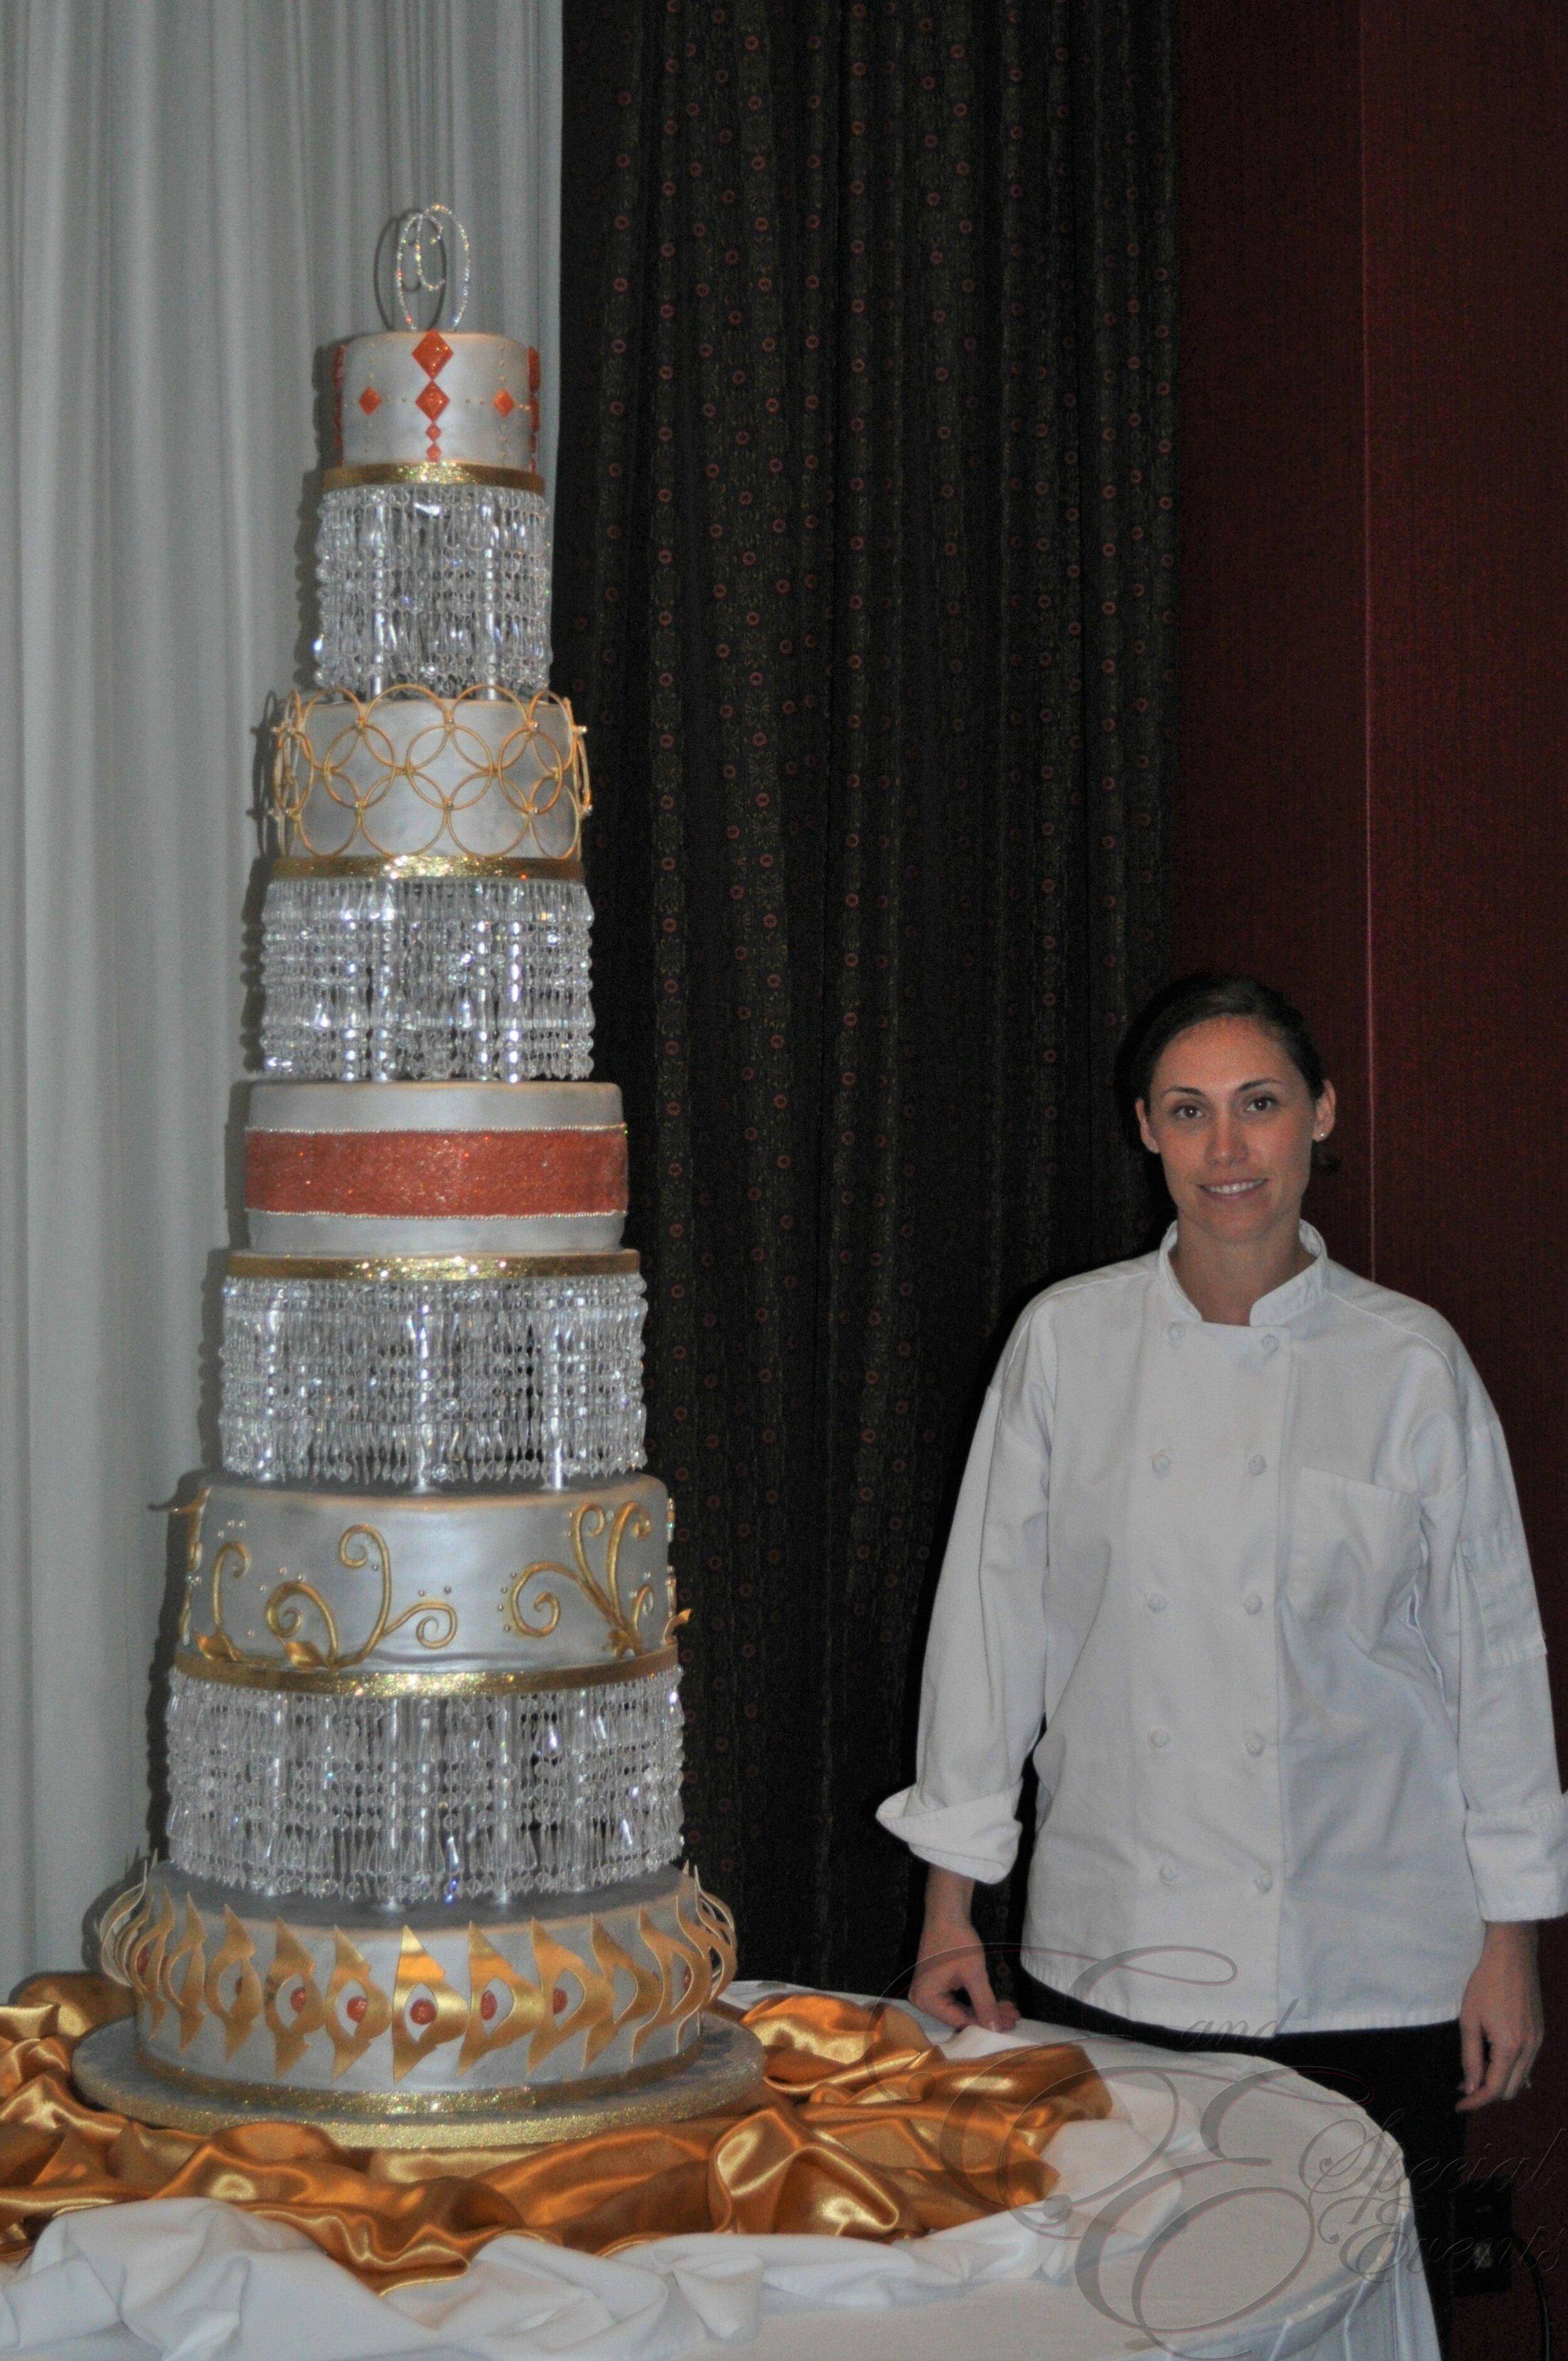 wedding_cakes_E_and_E_Special_Events_virginia_beach_49.jpg